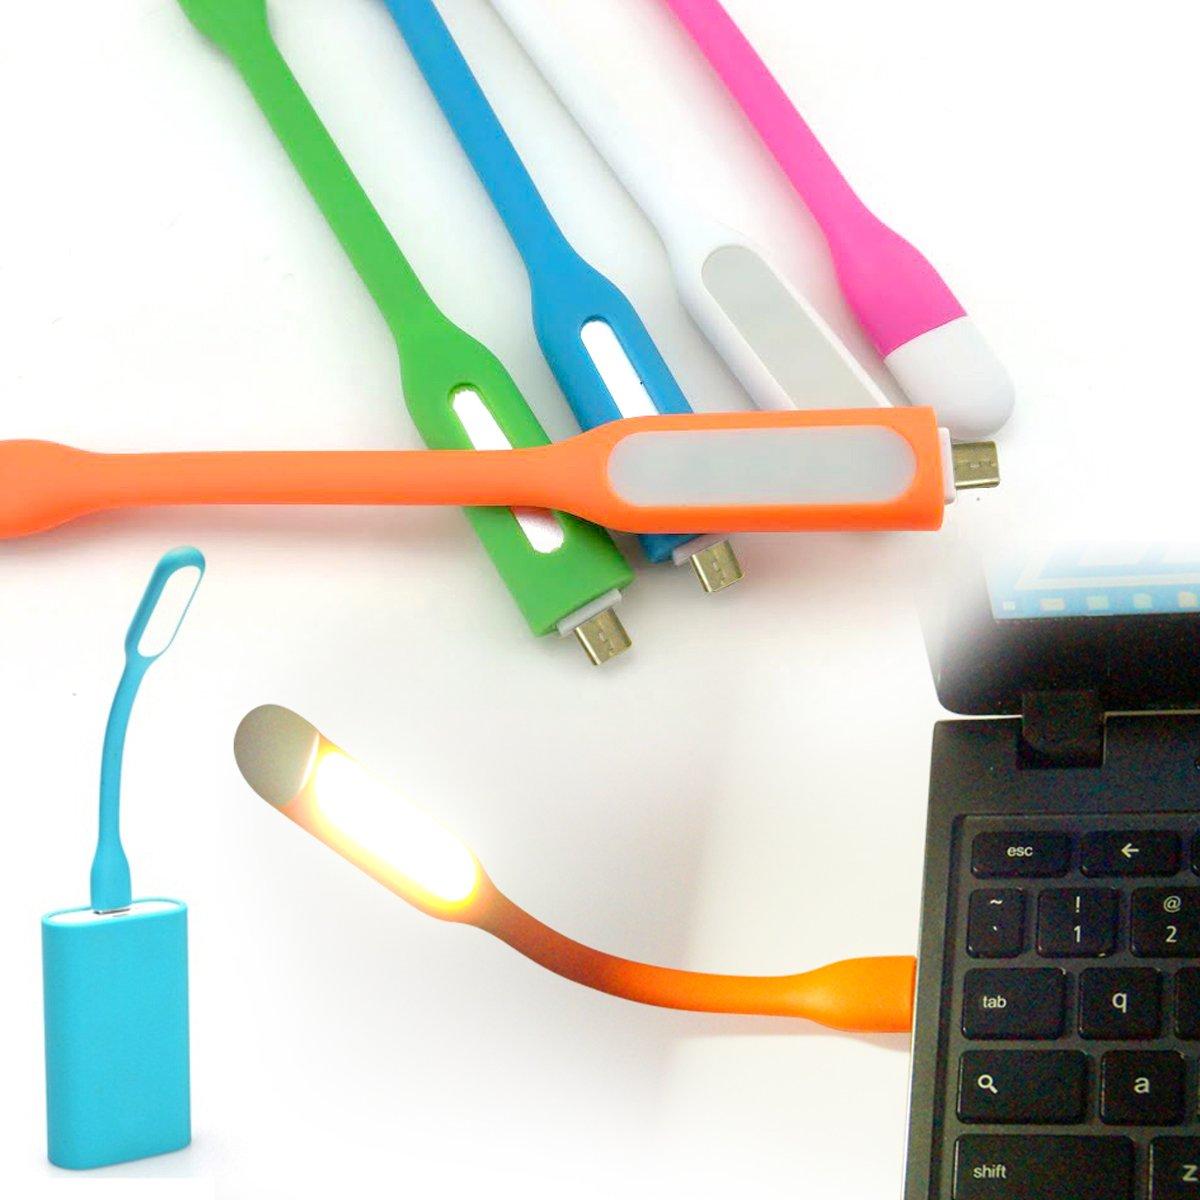 Amazon.com: AmaziPro8 2-in-1 Mini USB LED Light + Charge Sync ...